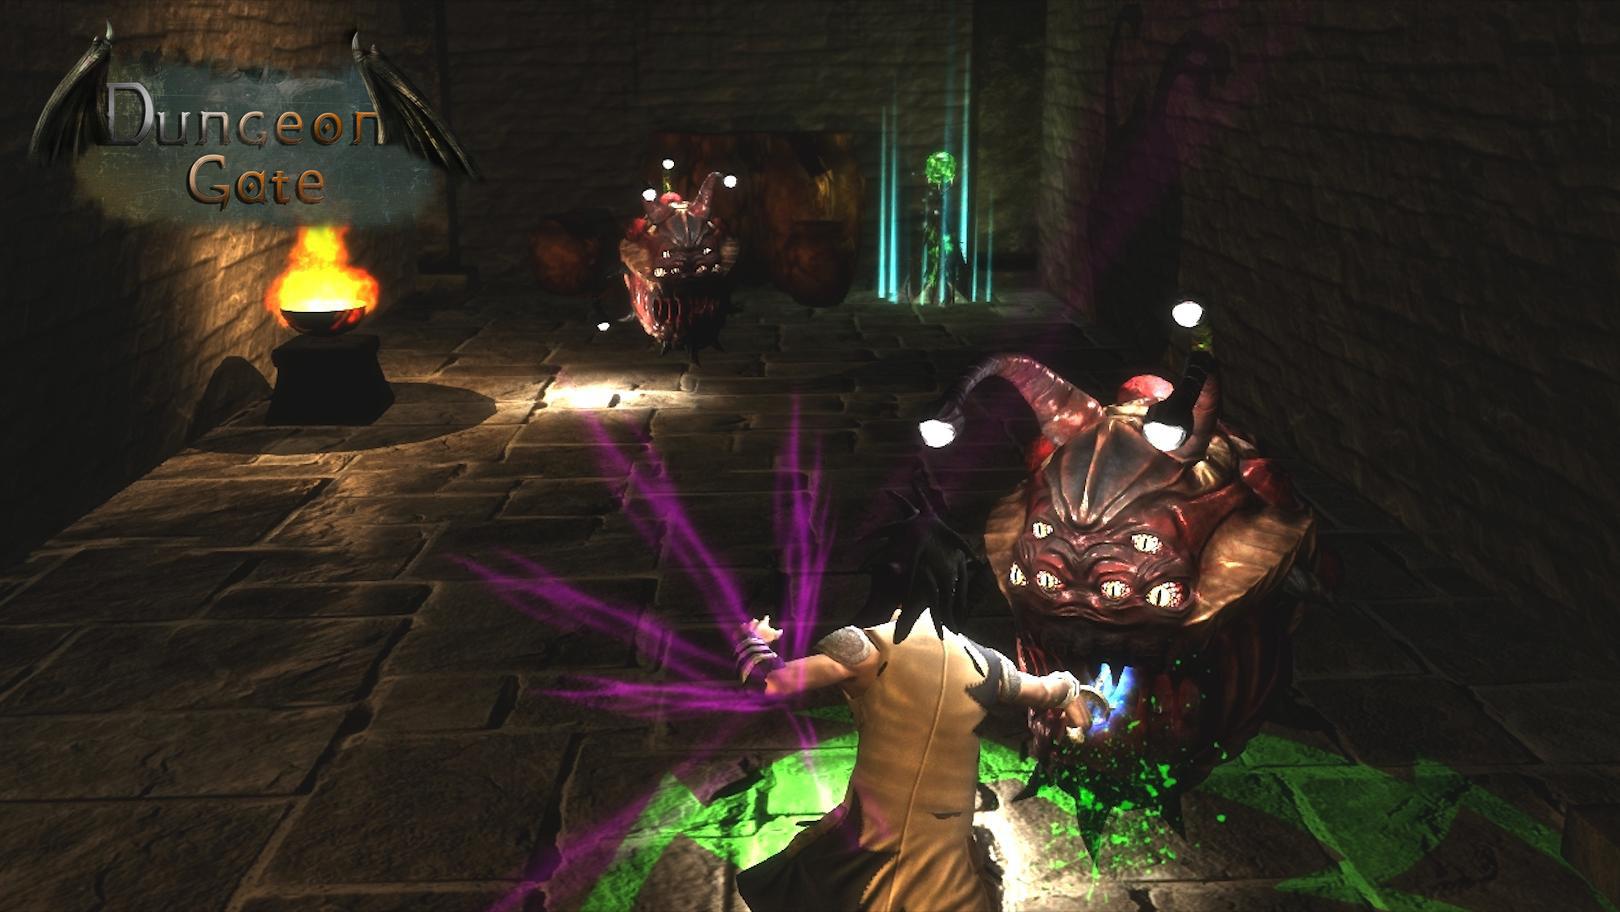 Скачать Dungeon Gate торрент